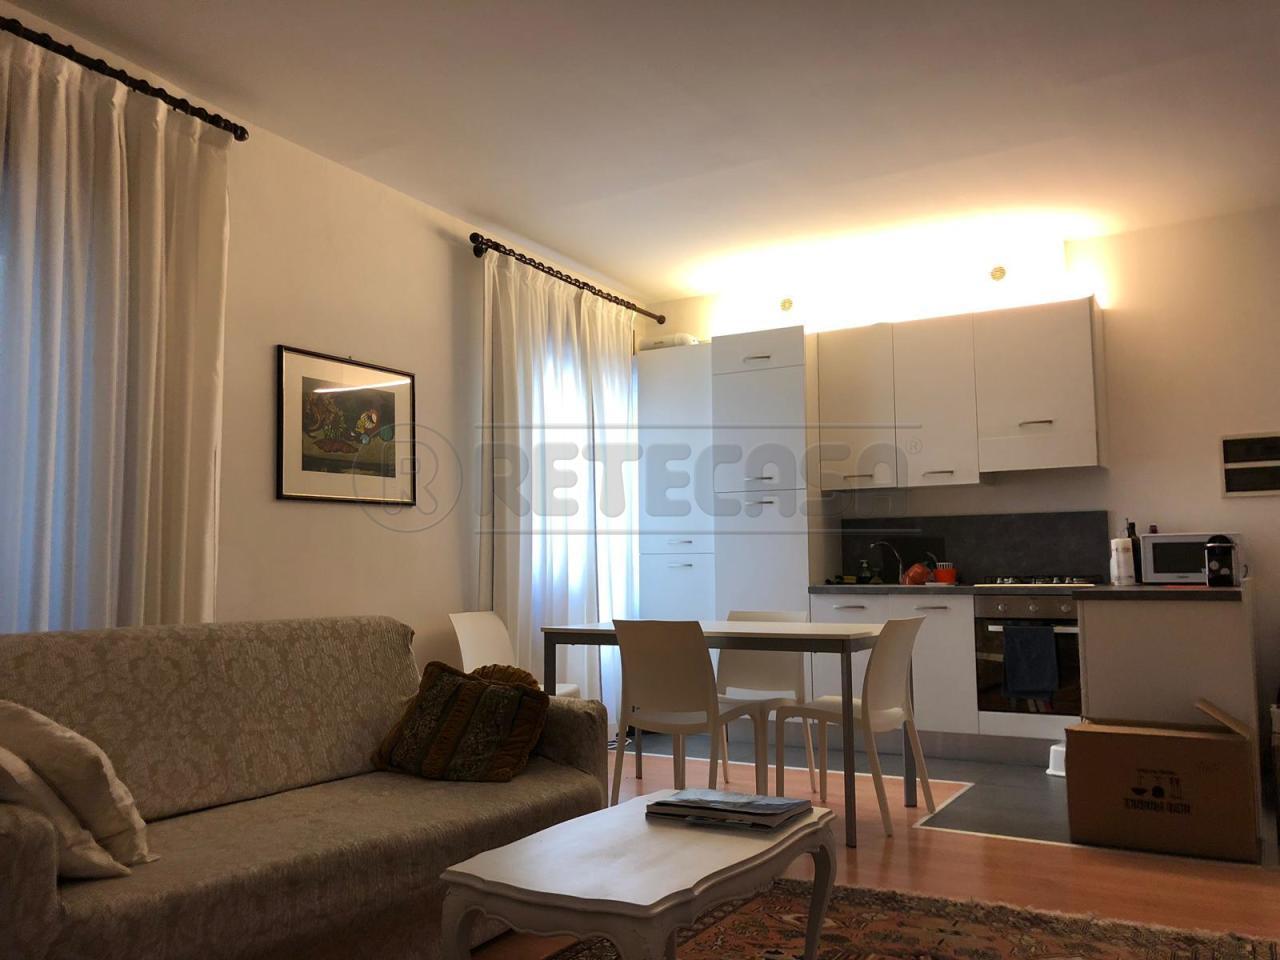 Miniappartamento in affitto a bassano del grappa di 65mq for Appartamenti arredati affitto bassano del grappa